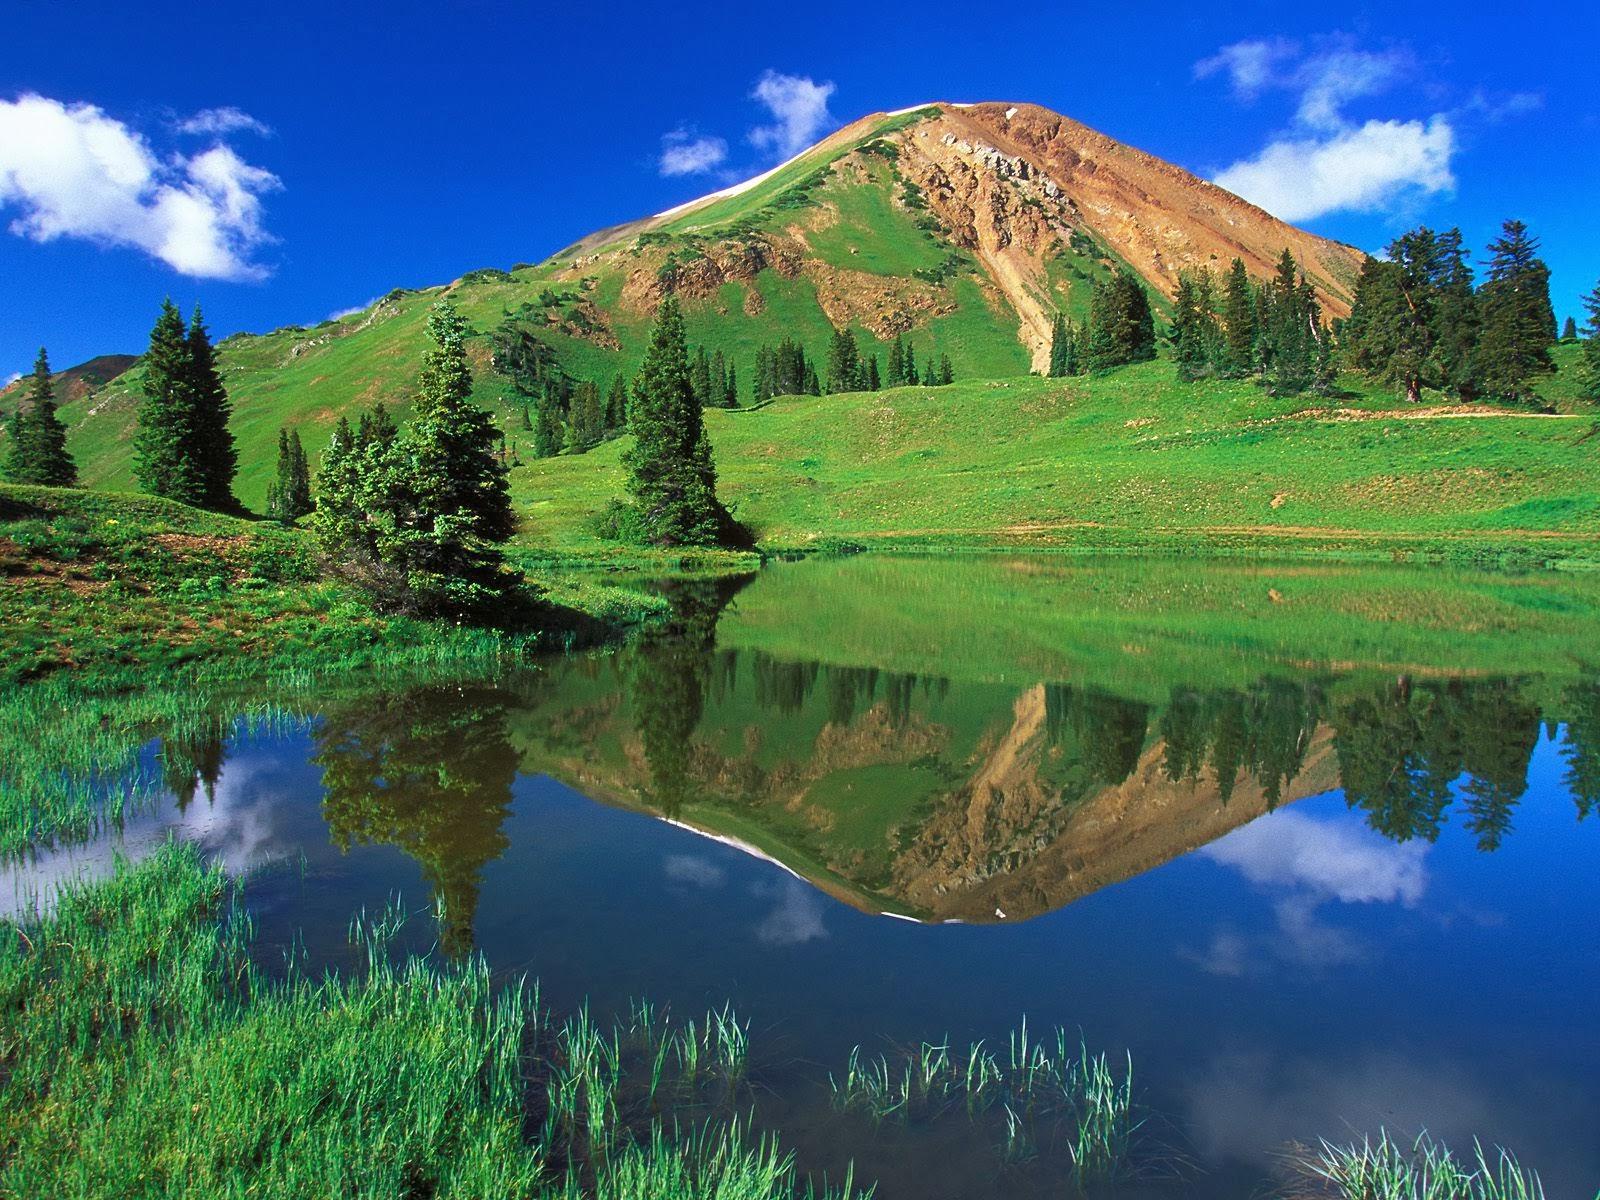 بالصور صور مناظر جميلة , صور خلفيات مناظر طبيعيه 3446 4